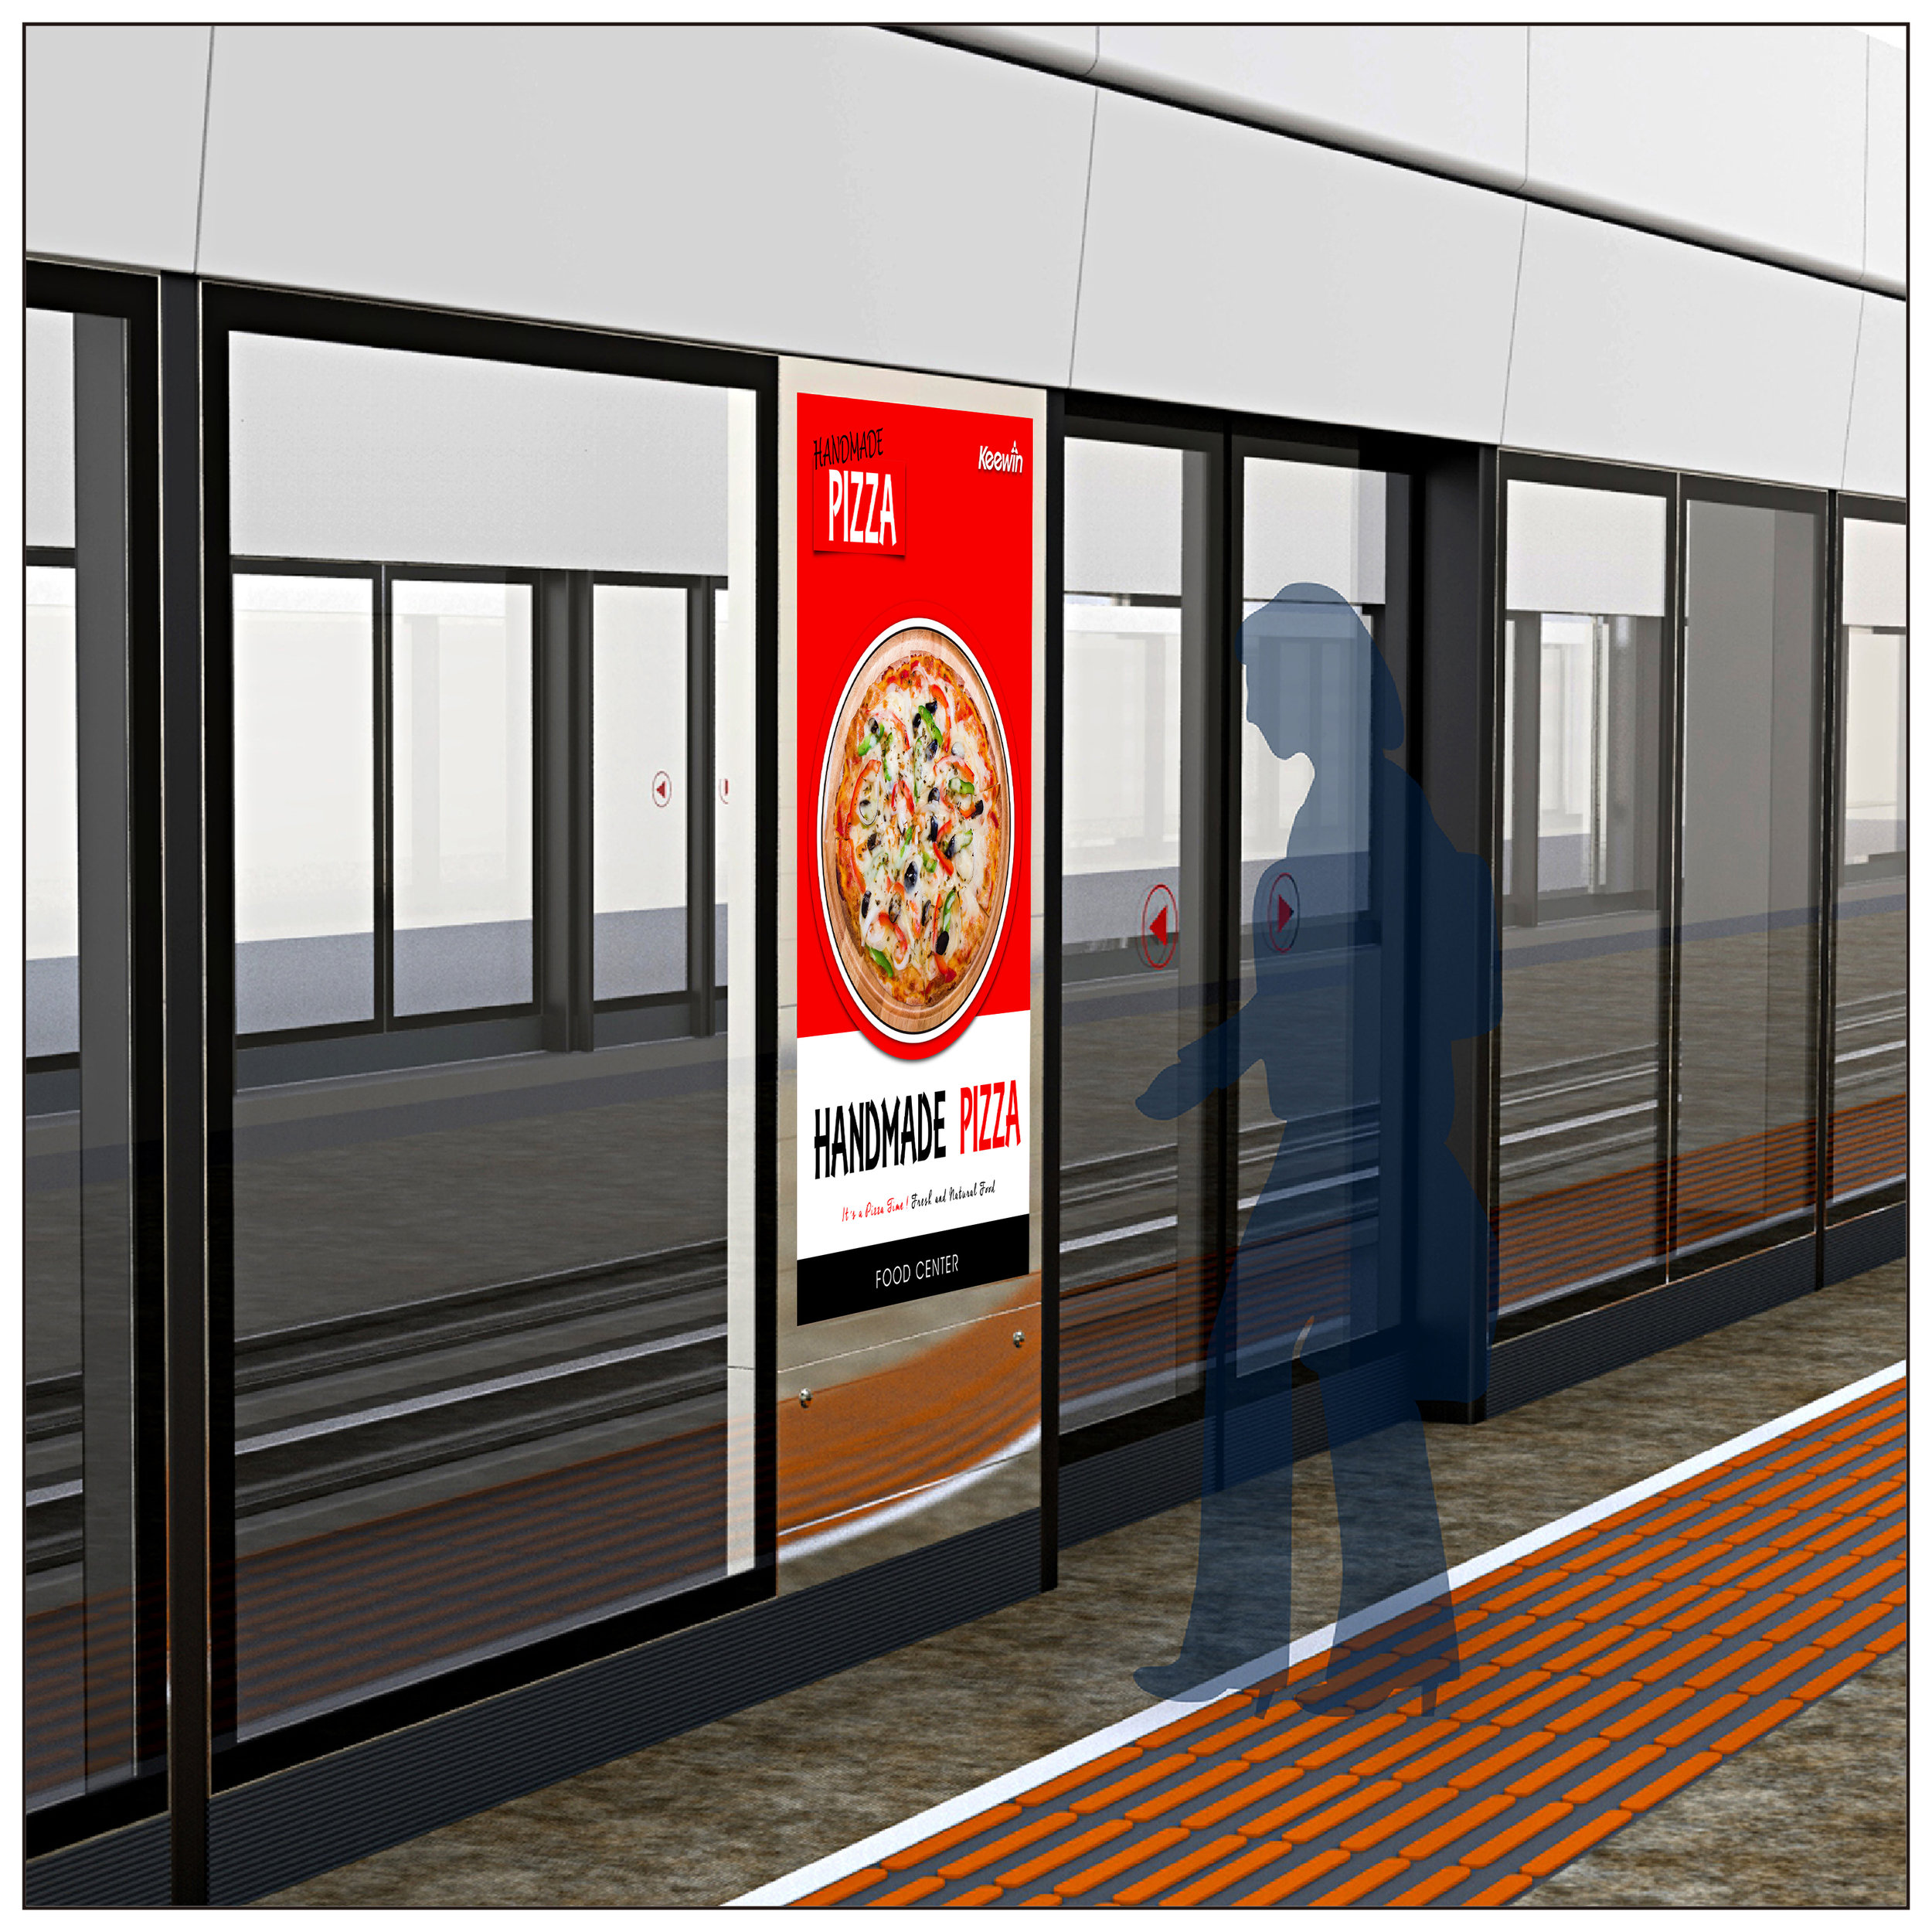 Train /Metro Platform Screen Door Displays